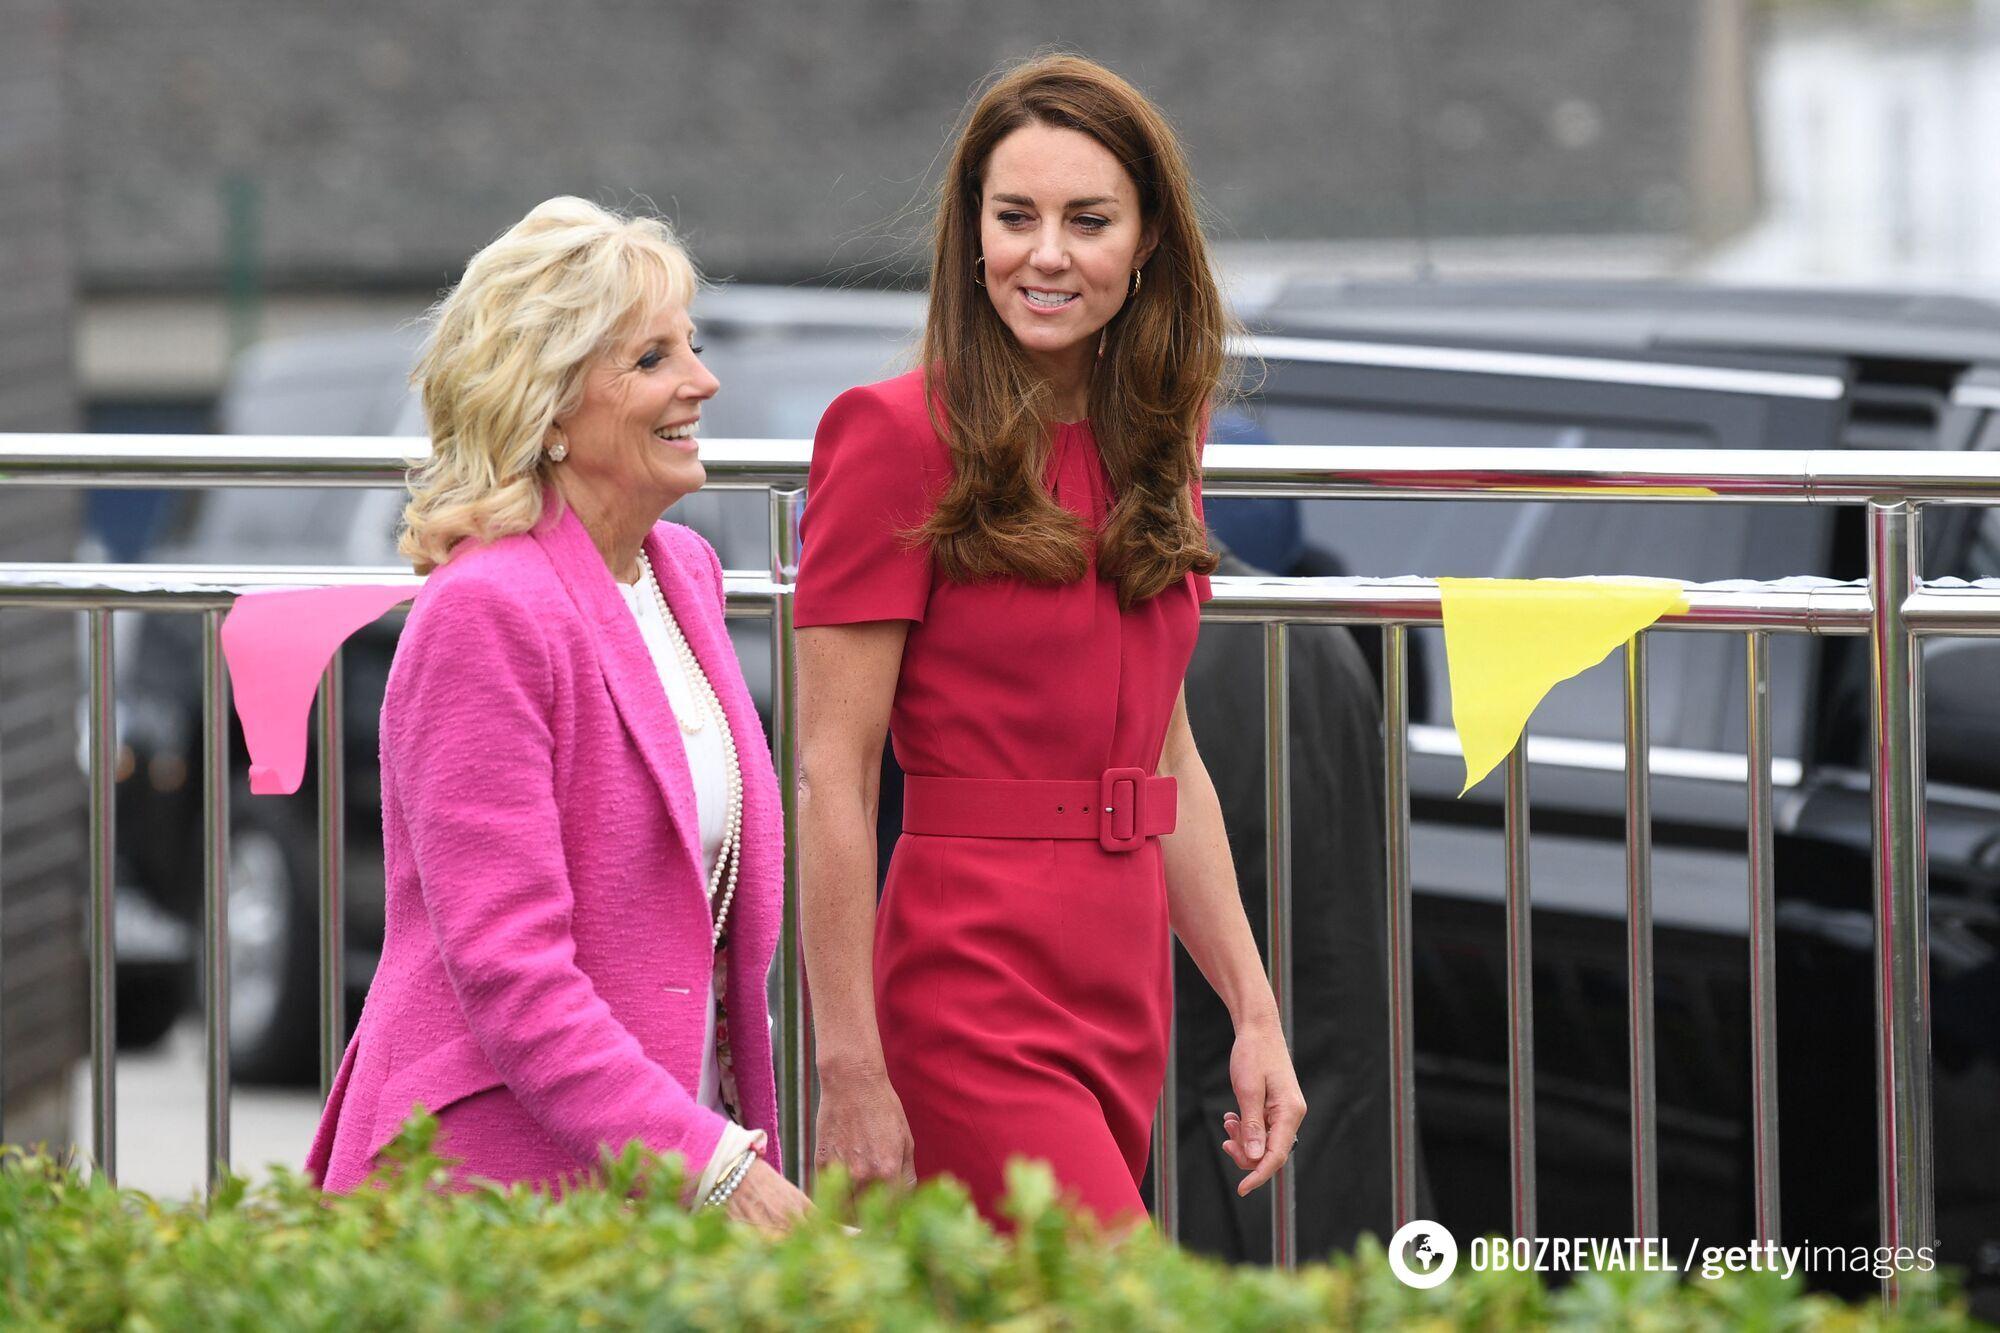 Кейт Міддлтон і Джилл Байден зустрілися в Корнуоллі